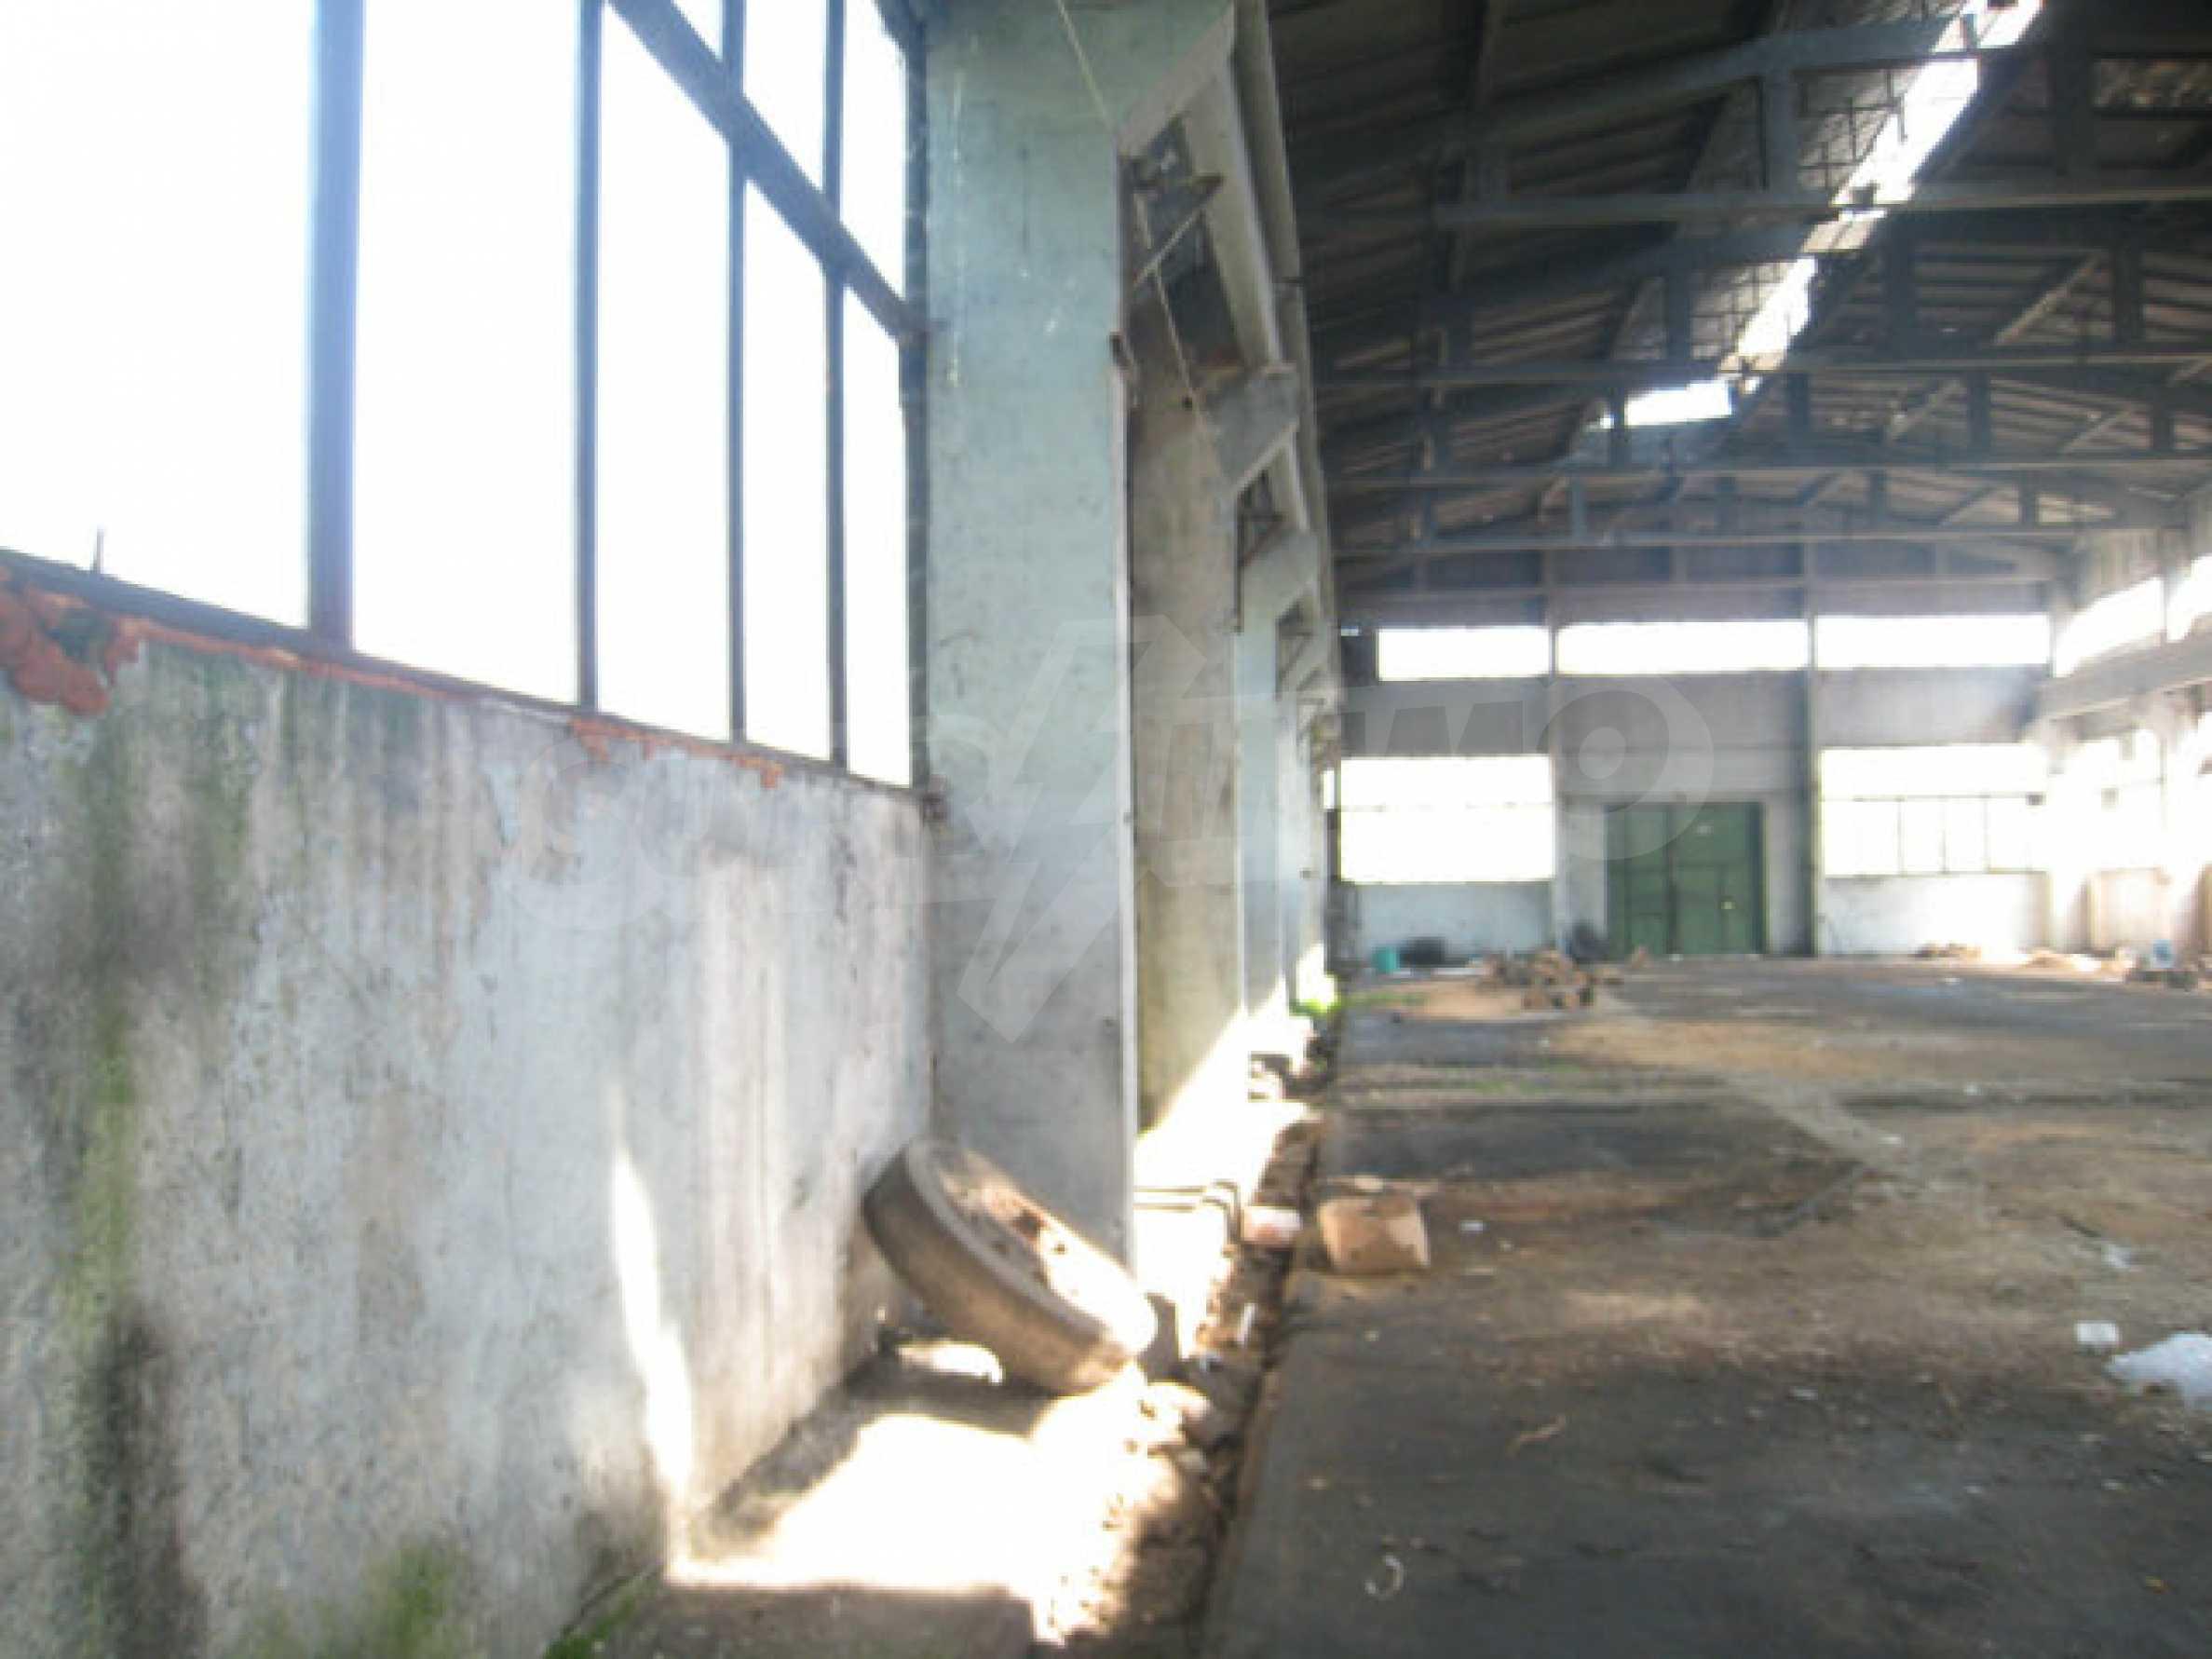 Produktionsgebäude mit Dienstleistungs- und Verwaltungsgebäude in der Nähe von Monatan 11